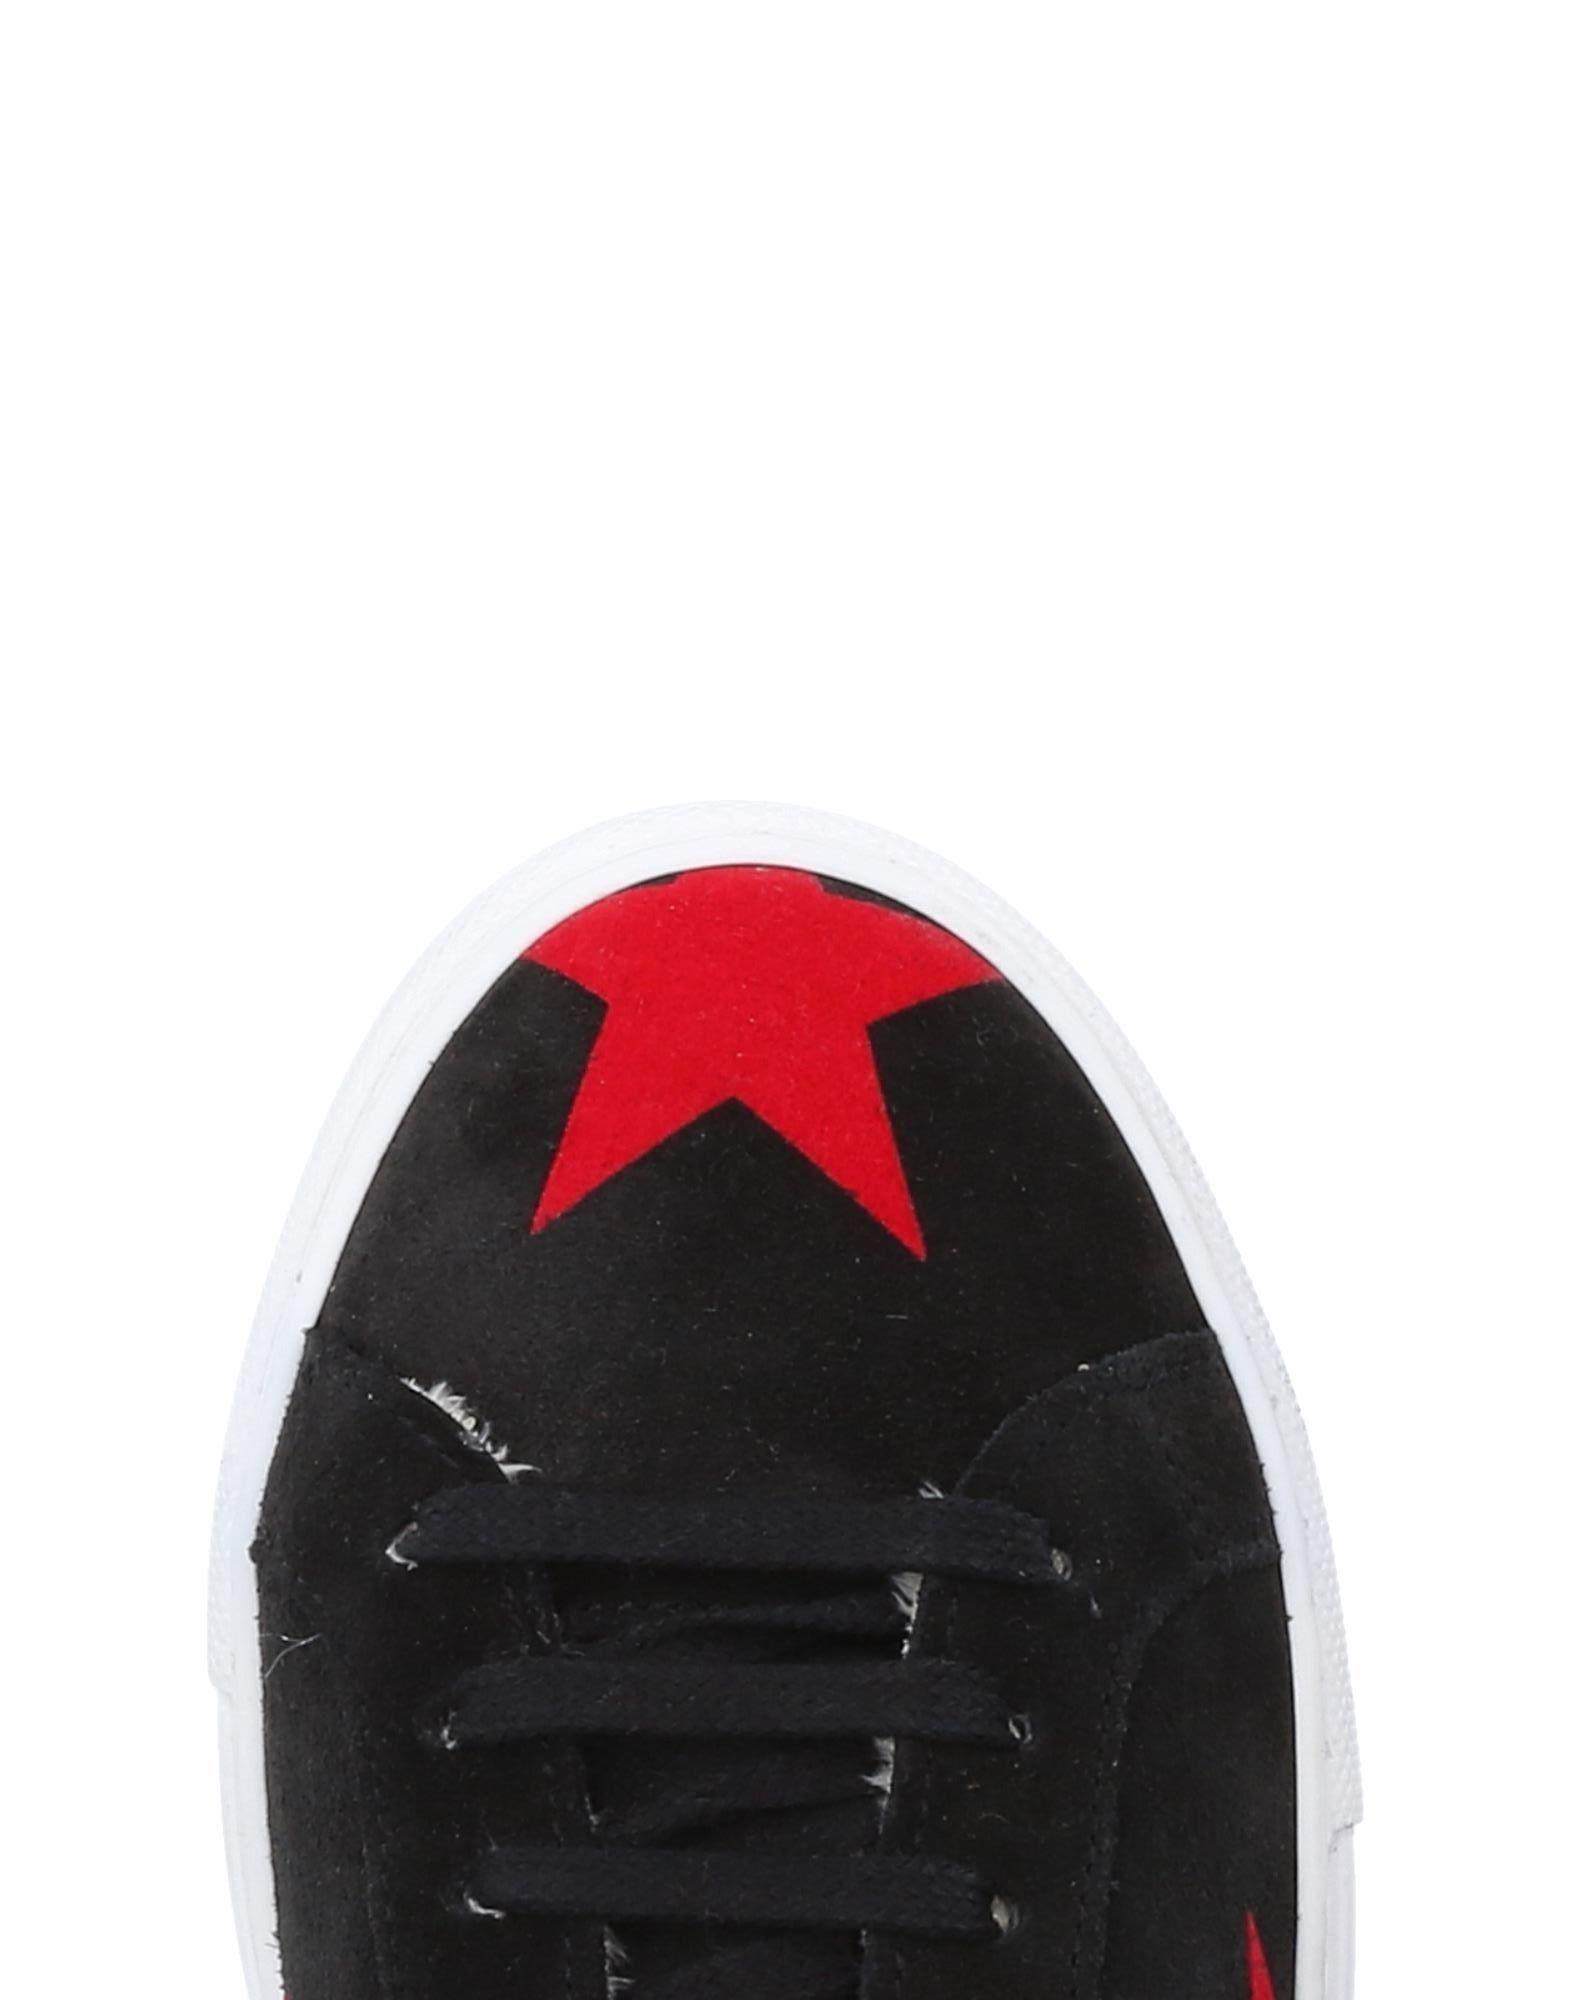 Sneakers The Editor - Uomo - Editor 11509864DO e8056c